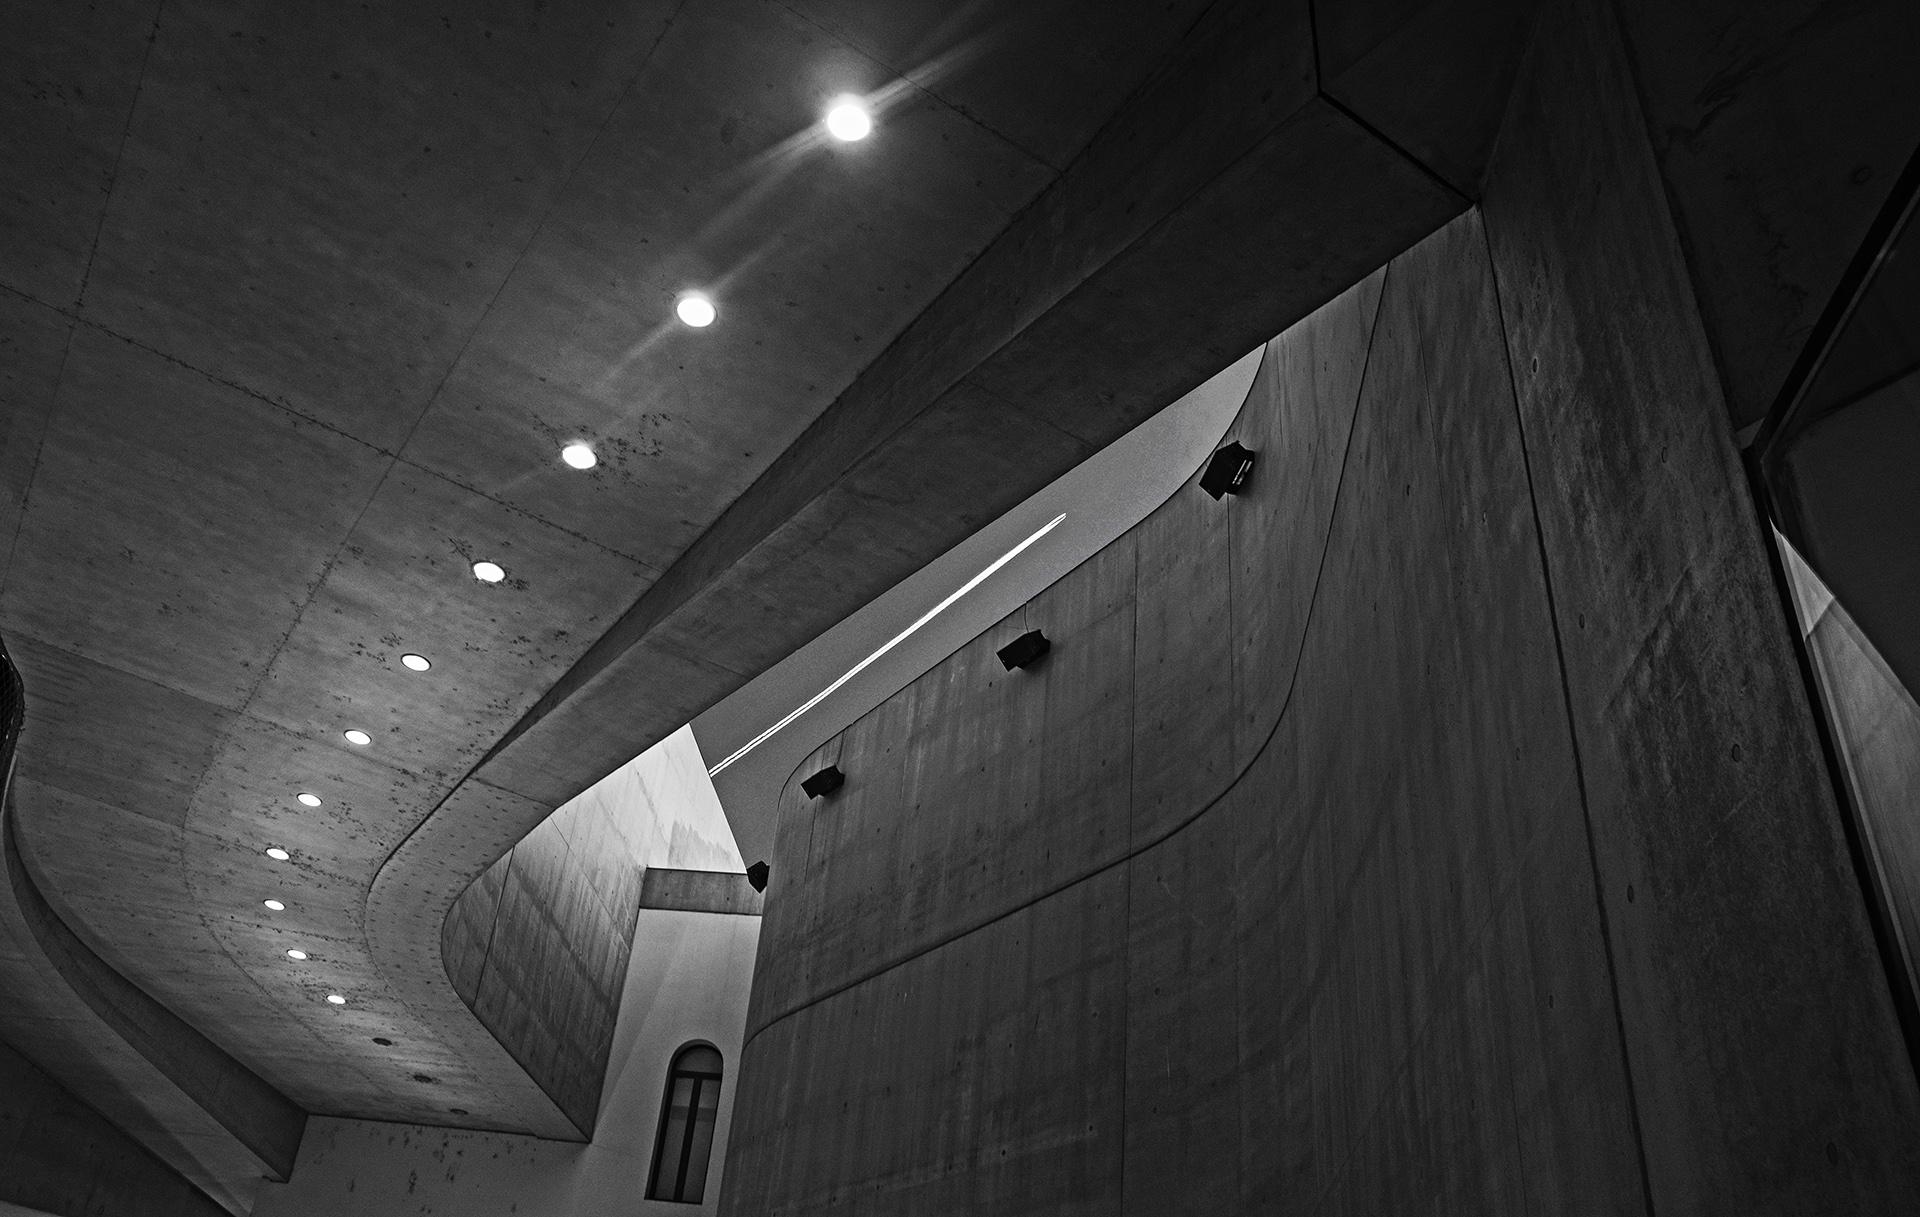 Photo in Architecture | Author valdo | PHOTO FORUM